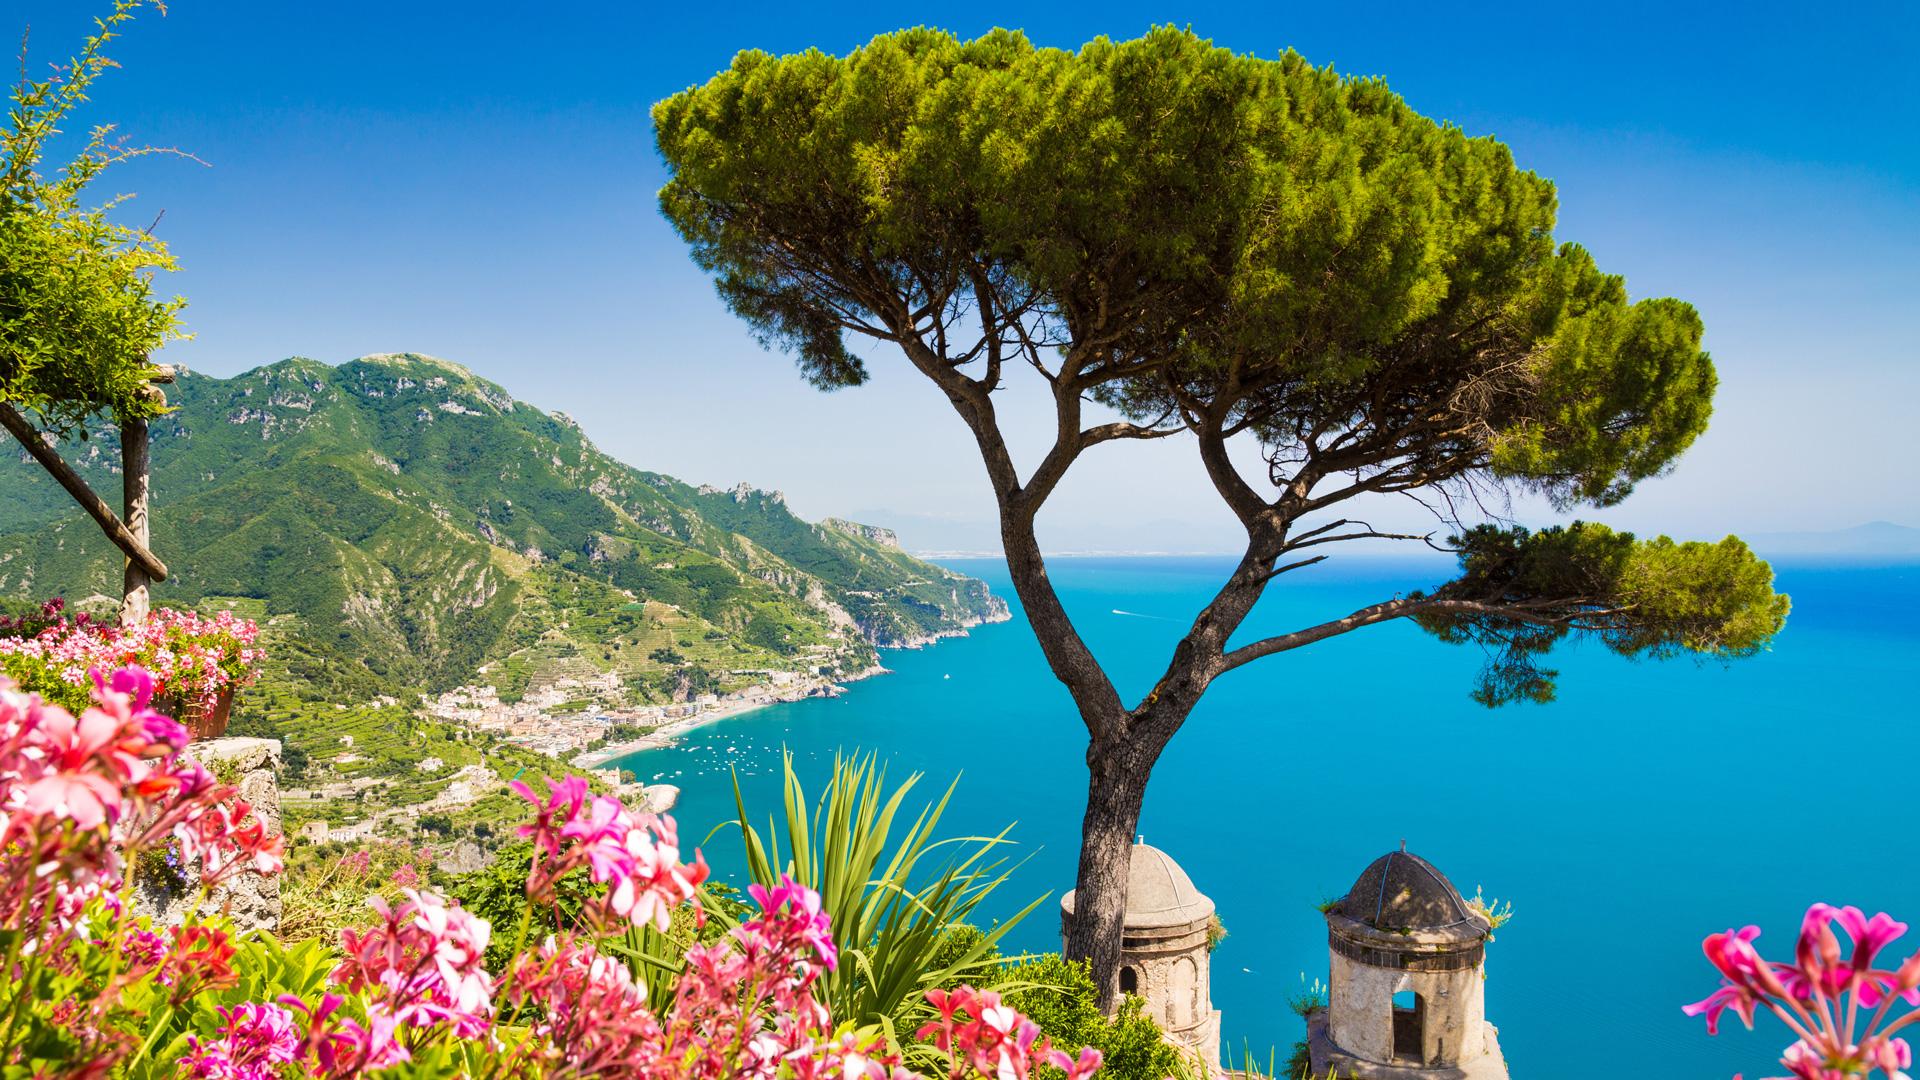 Amalfi Coast Ravello Campania